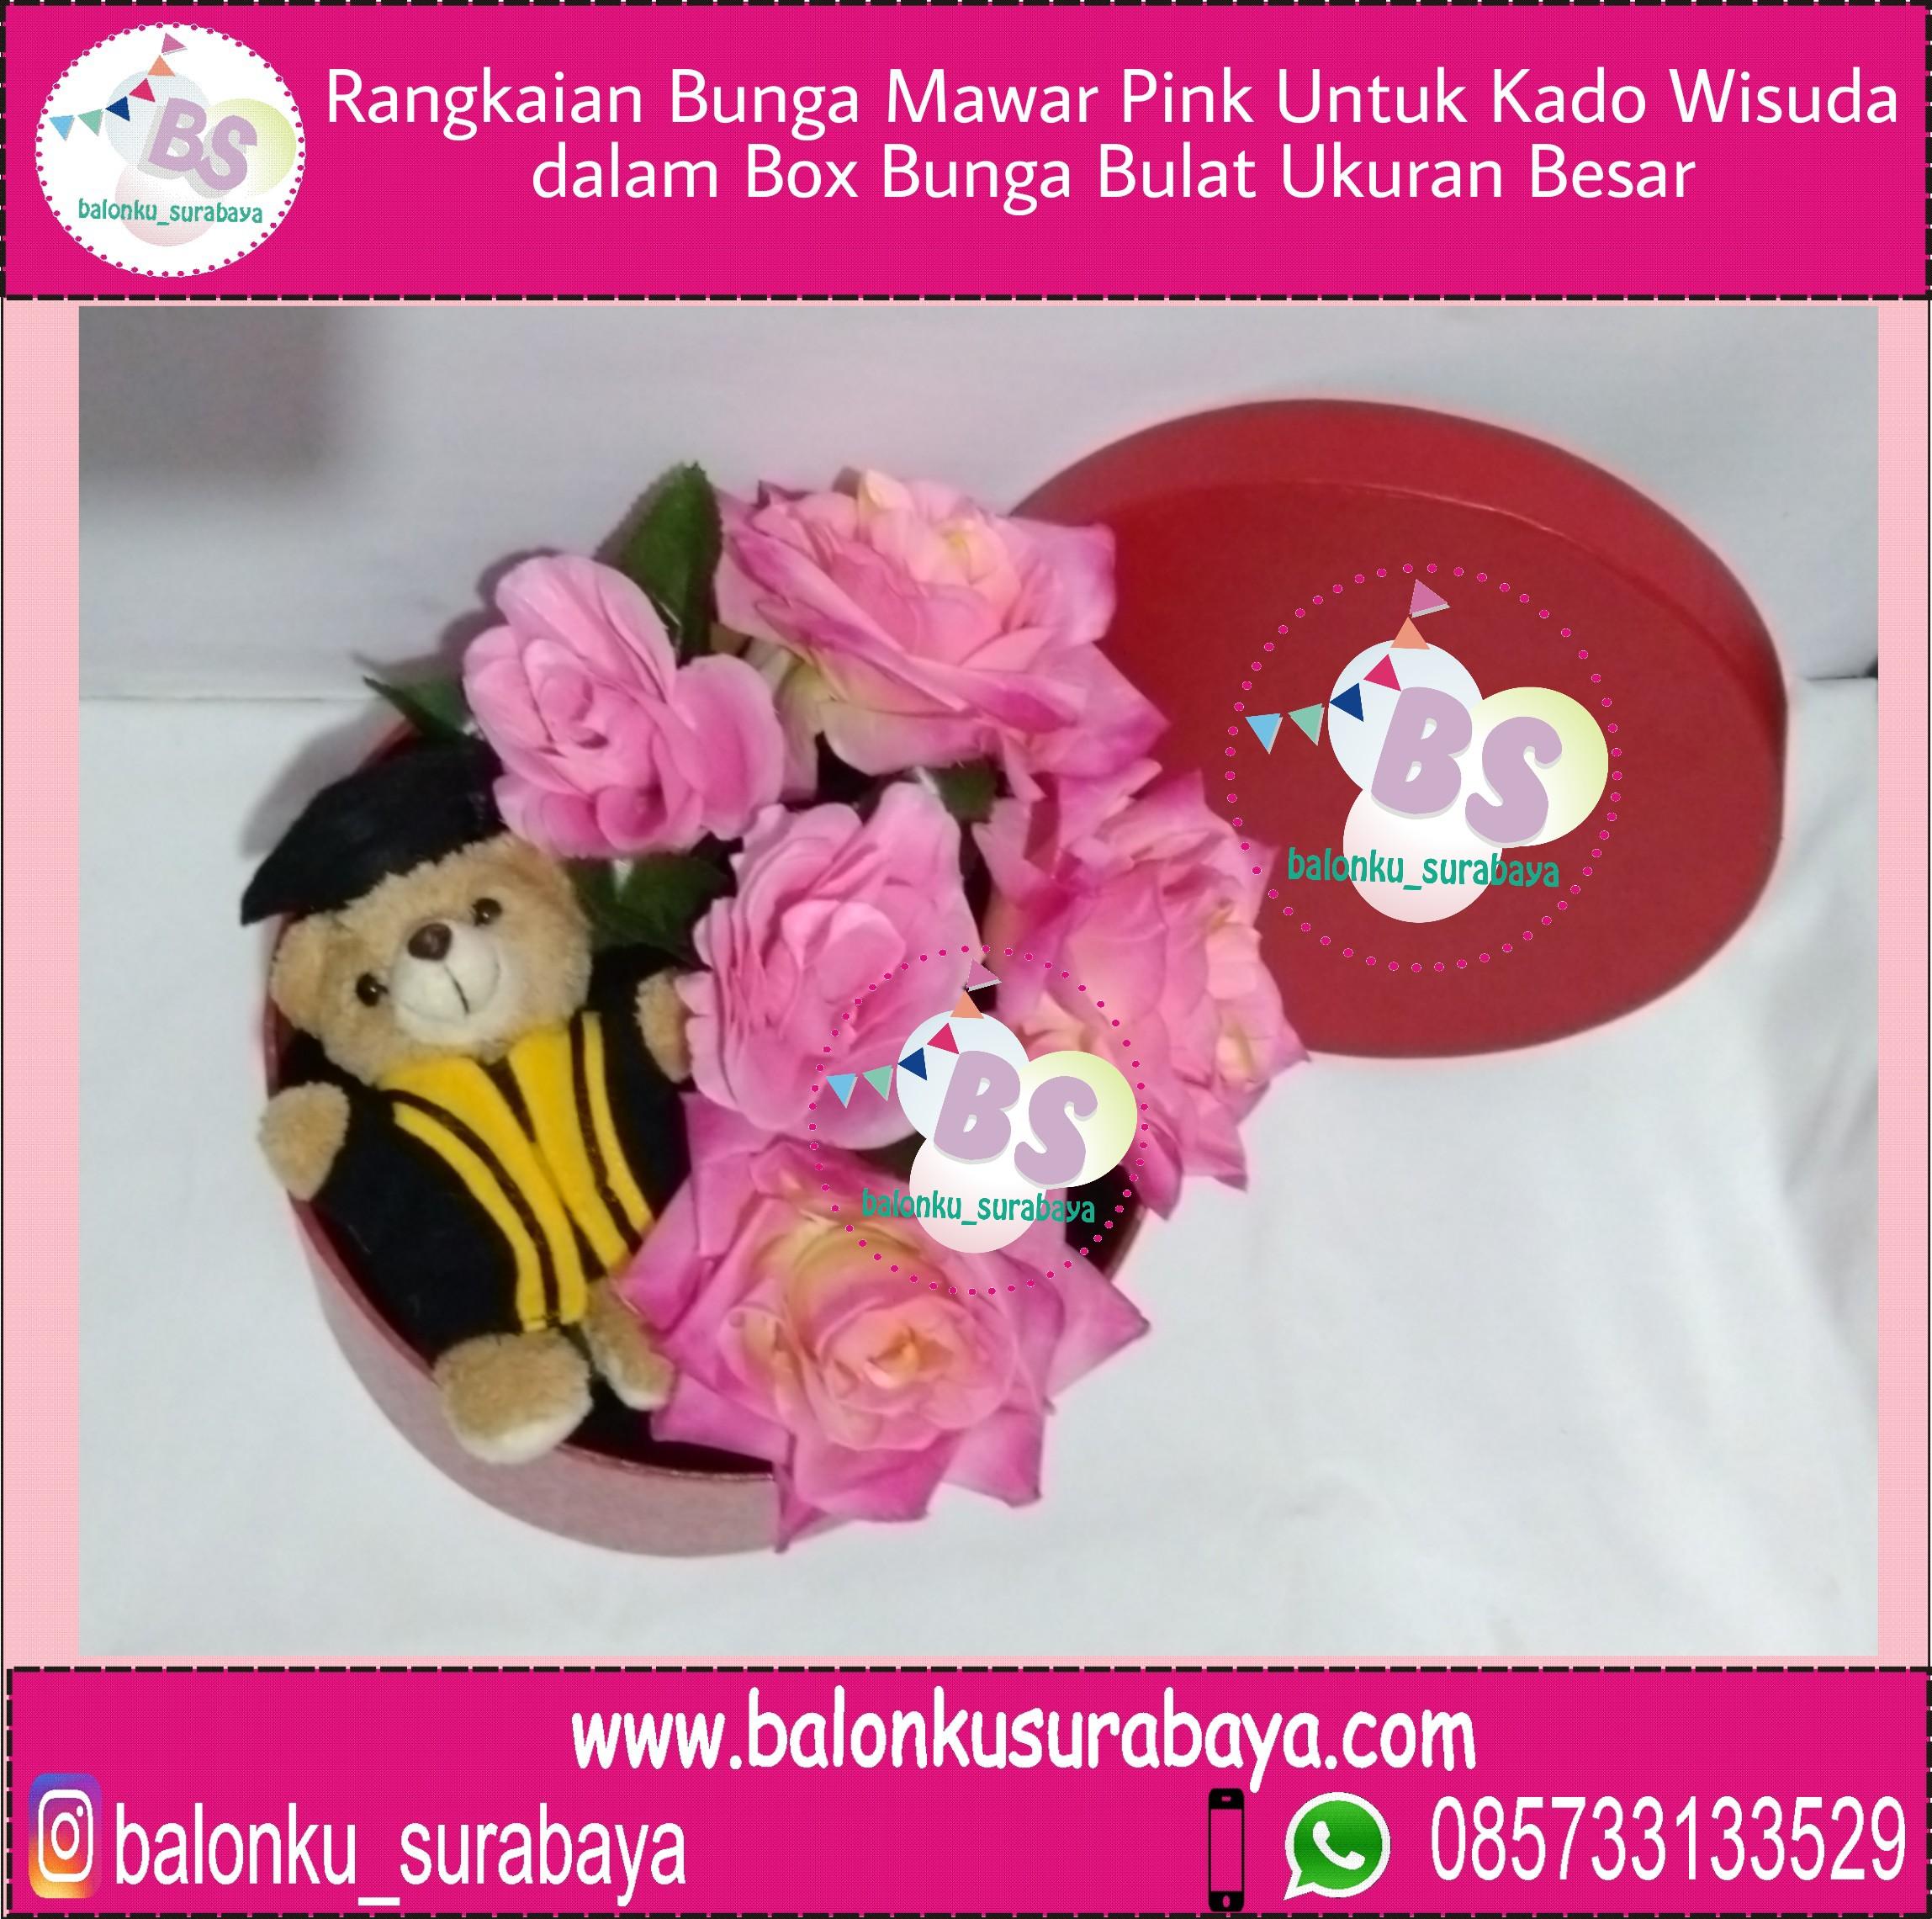 Rangkaian Bunga Mawar Pink Untuk Kado Wisuda Dalam Box Bunga Bulat Ukuran Besar Balonku Surabaya